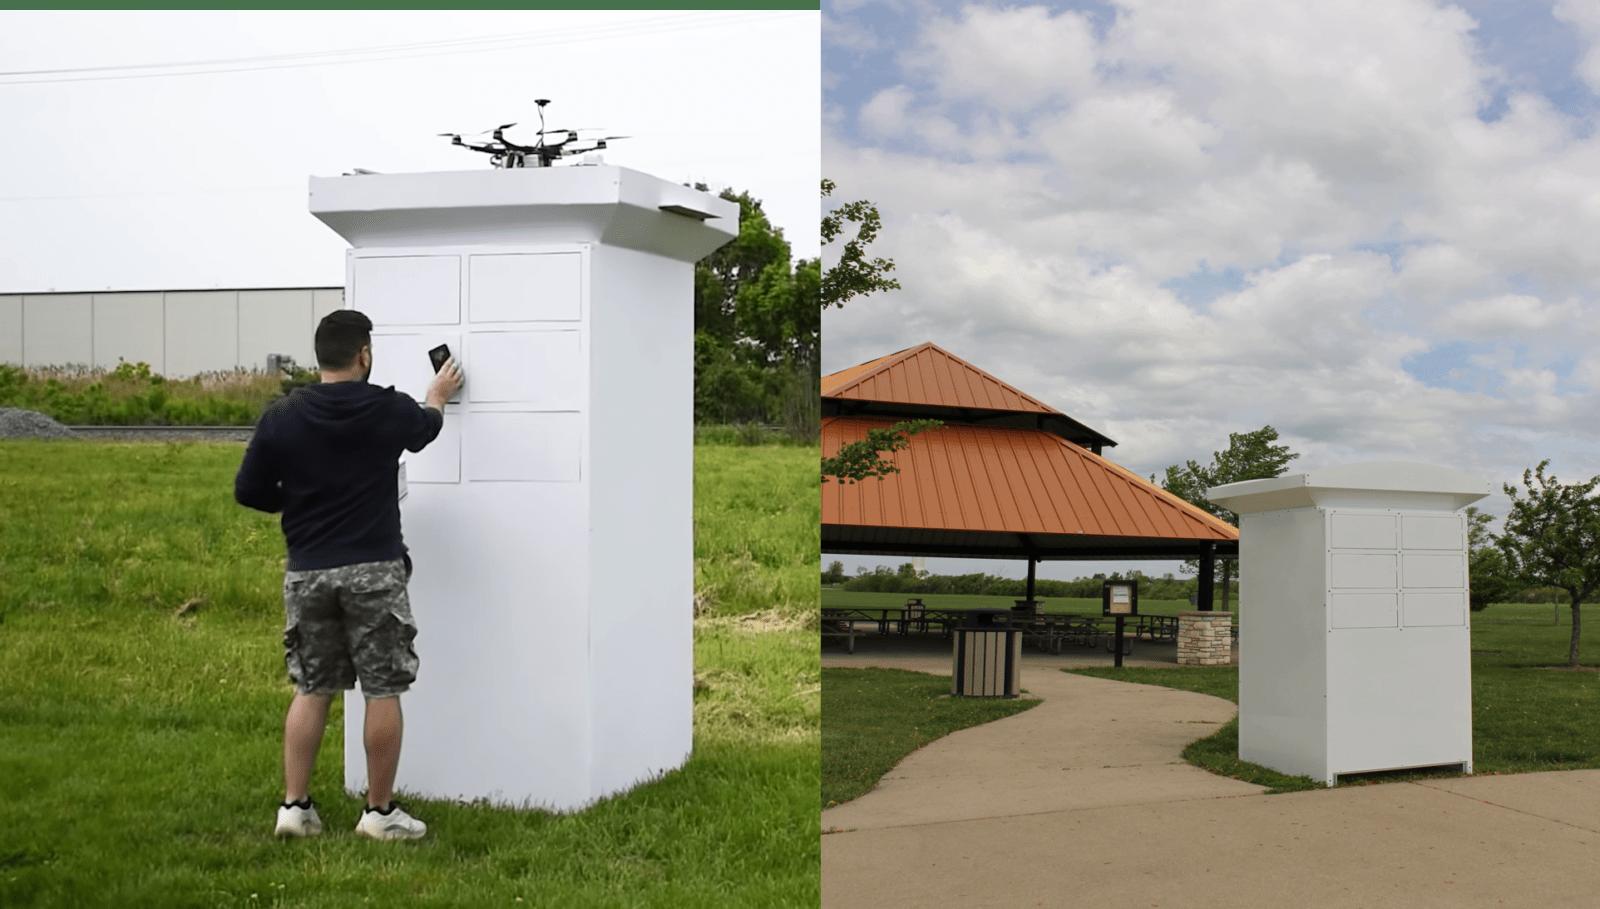 Компания Valqari создаёт почтовый ящик для посылок от беспилотника